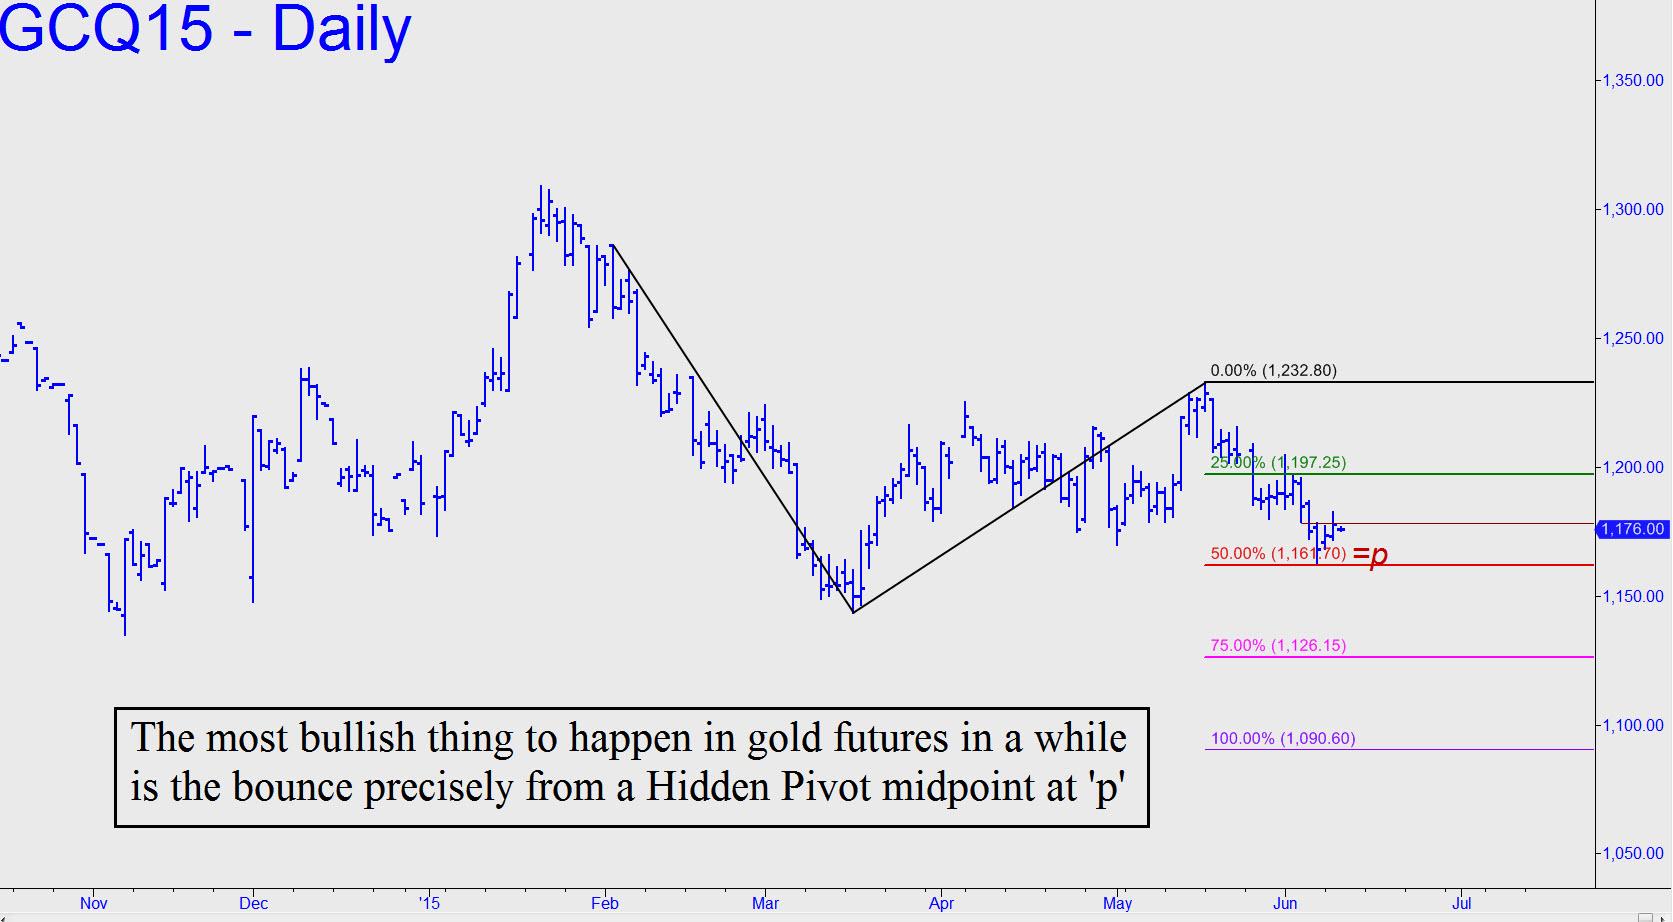 prix de l'or, de l'argent et des minières / suivi 2015 et ultérieurement - Page 3 Most-bullish-thing-to-happen